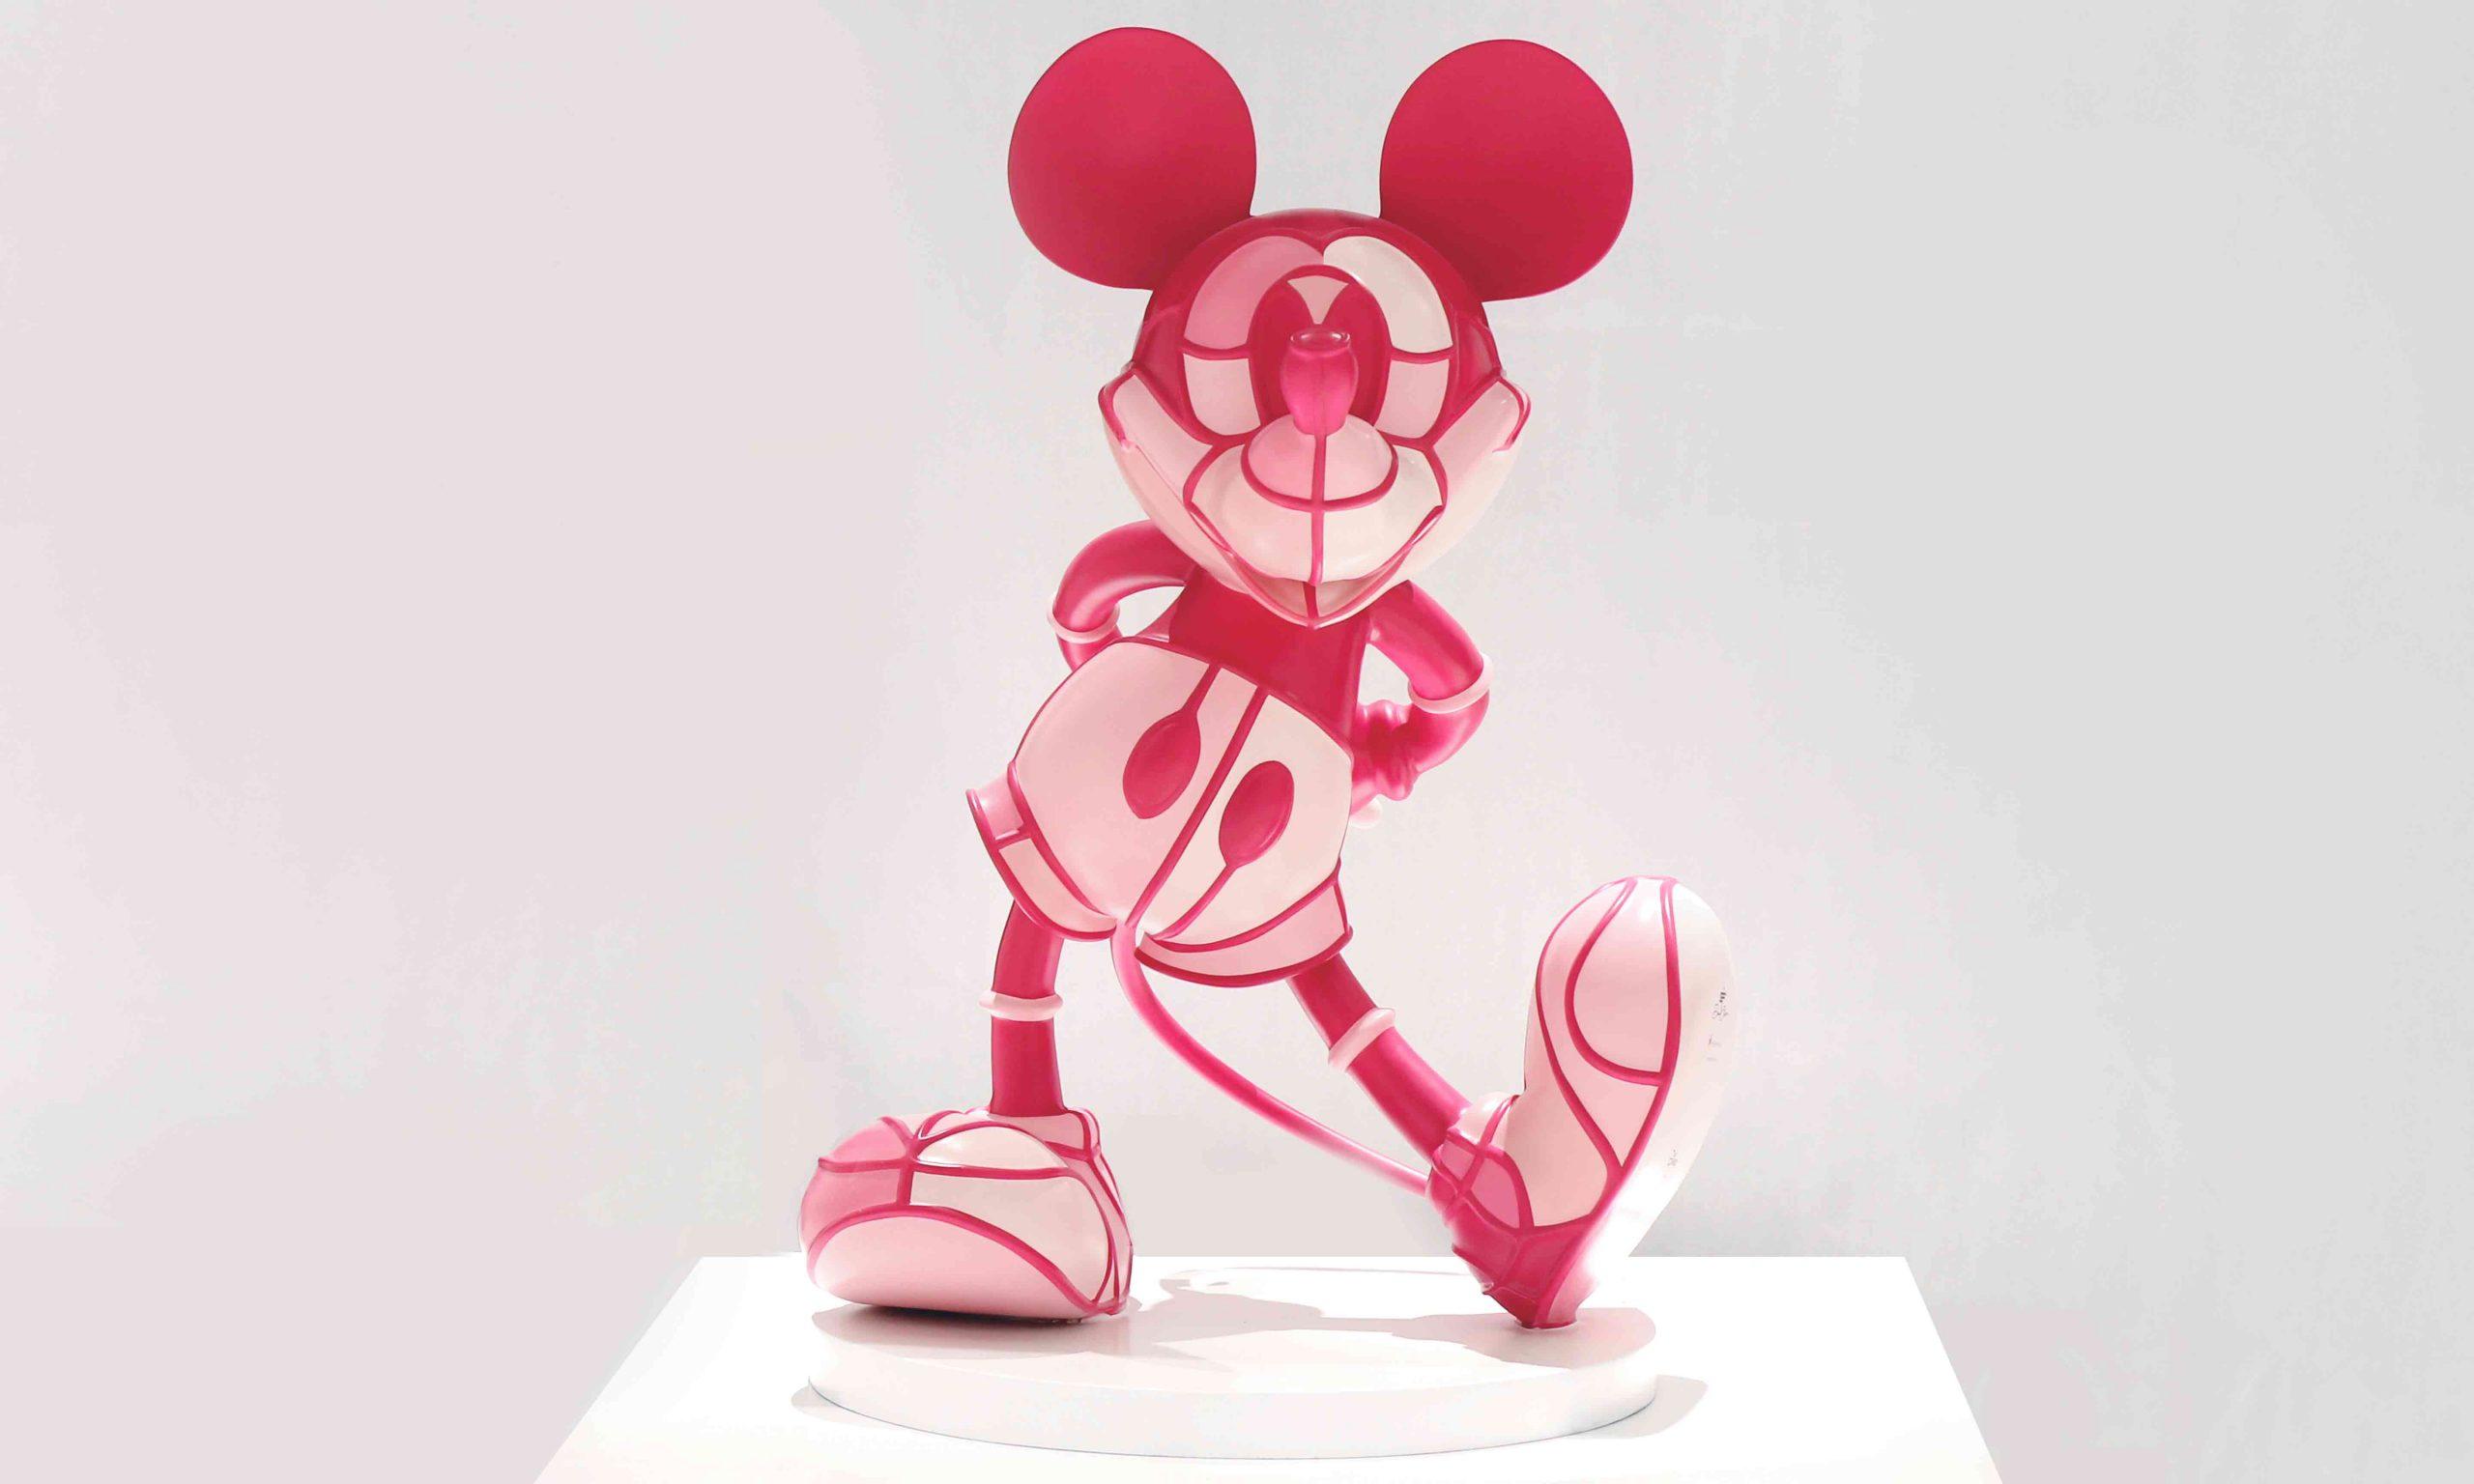 艺术收藏虚拟鉴赏新体验,K11 MUSEA x APPortfolio 全新艺术藏品首波登场